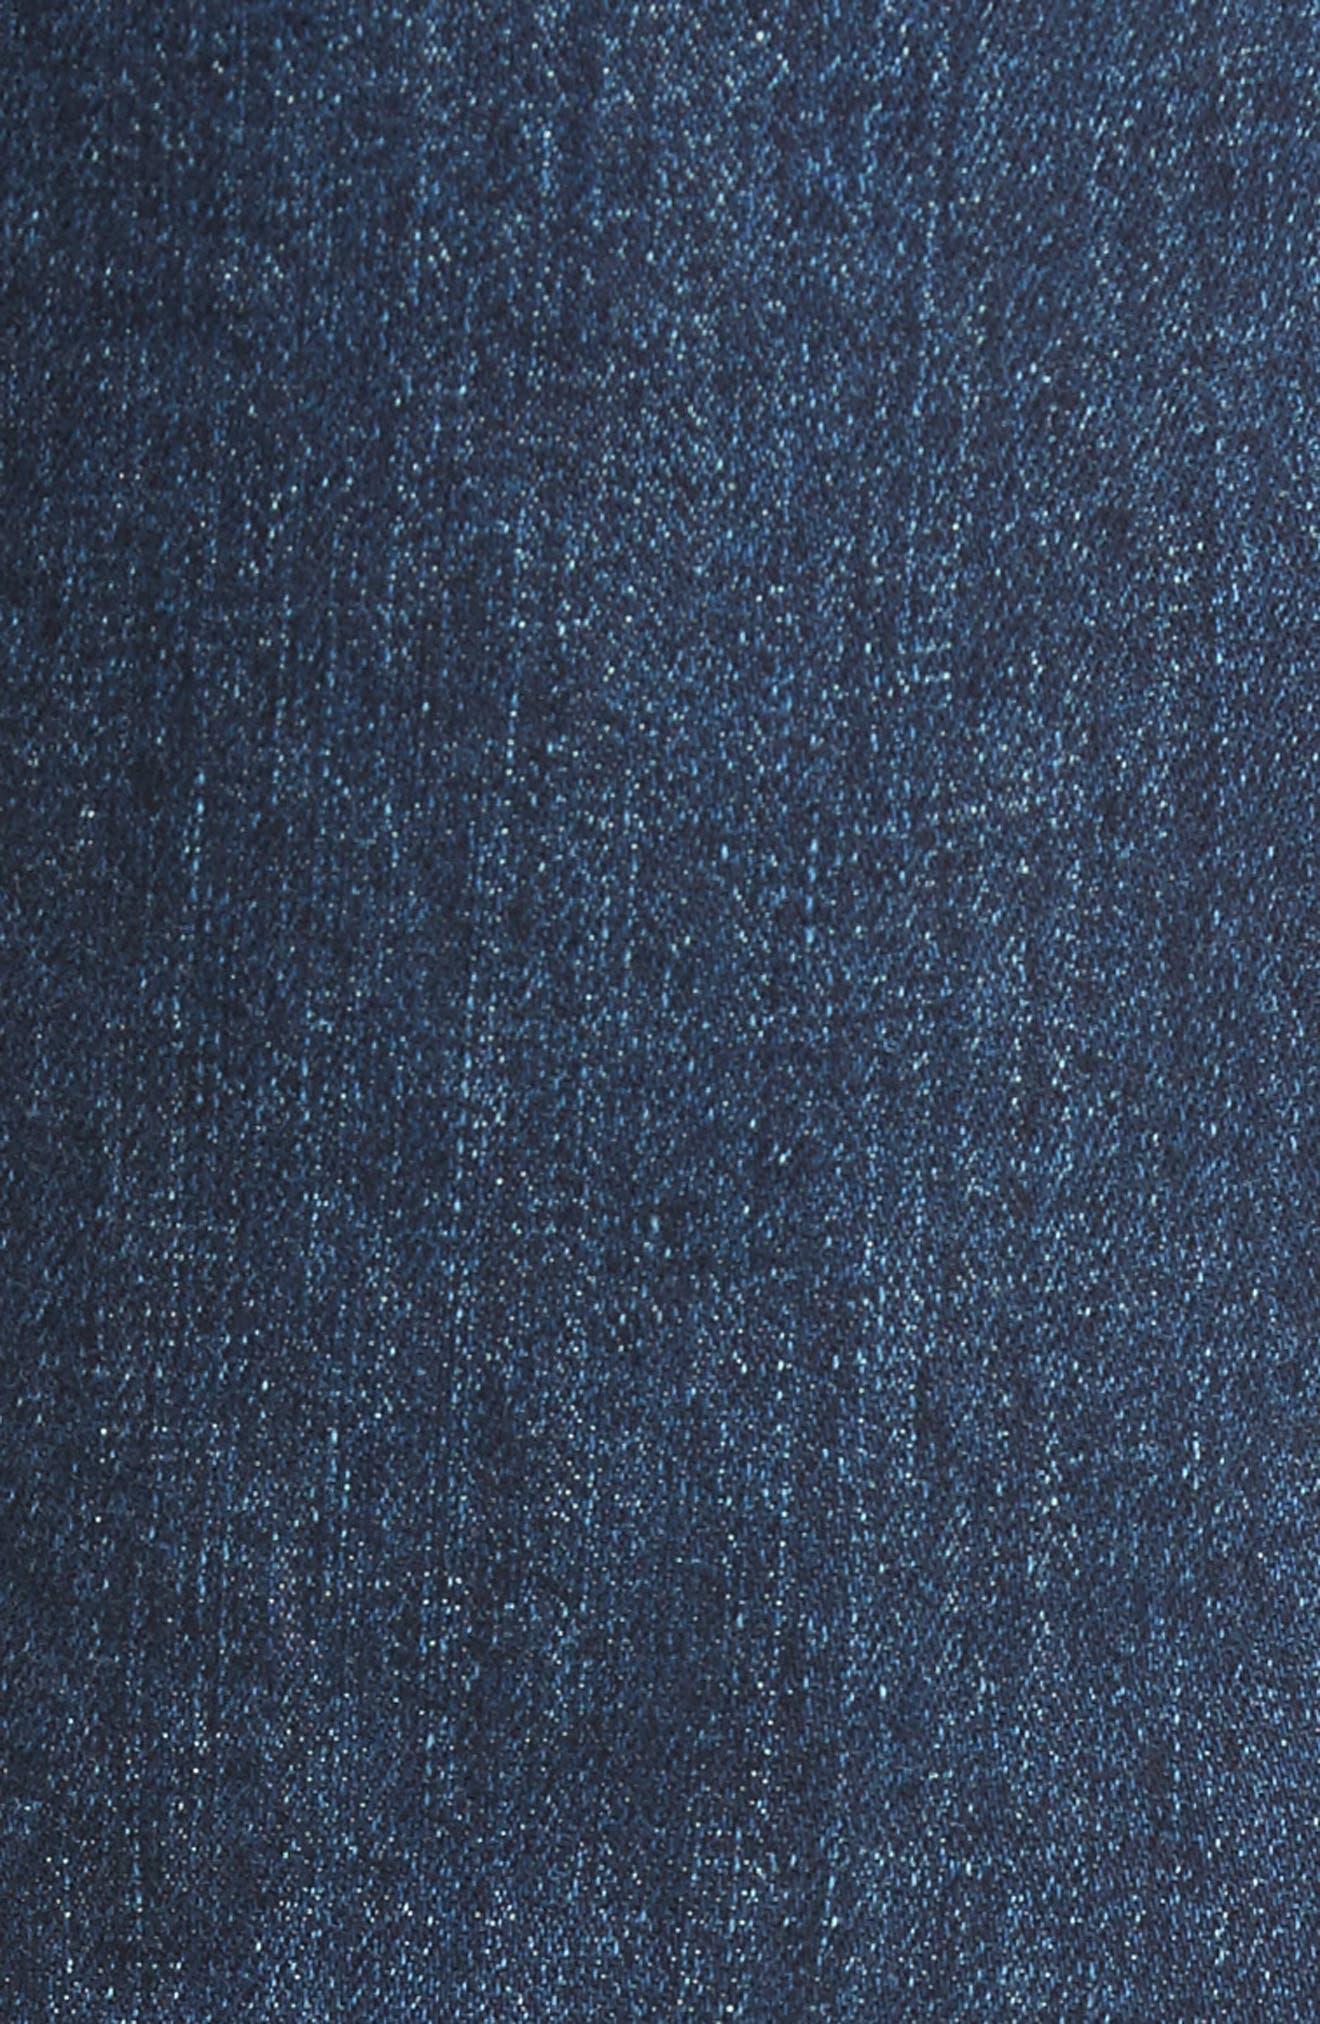 Fit 2 Slim Fit Jeans,                             Alternate thumbnail 5, color,                             Dukes